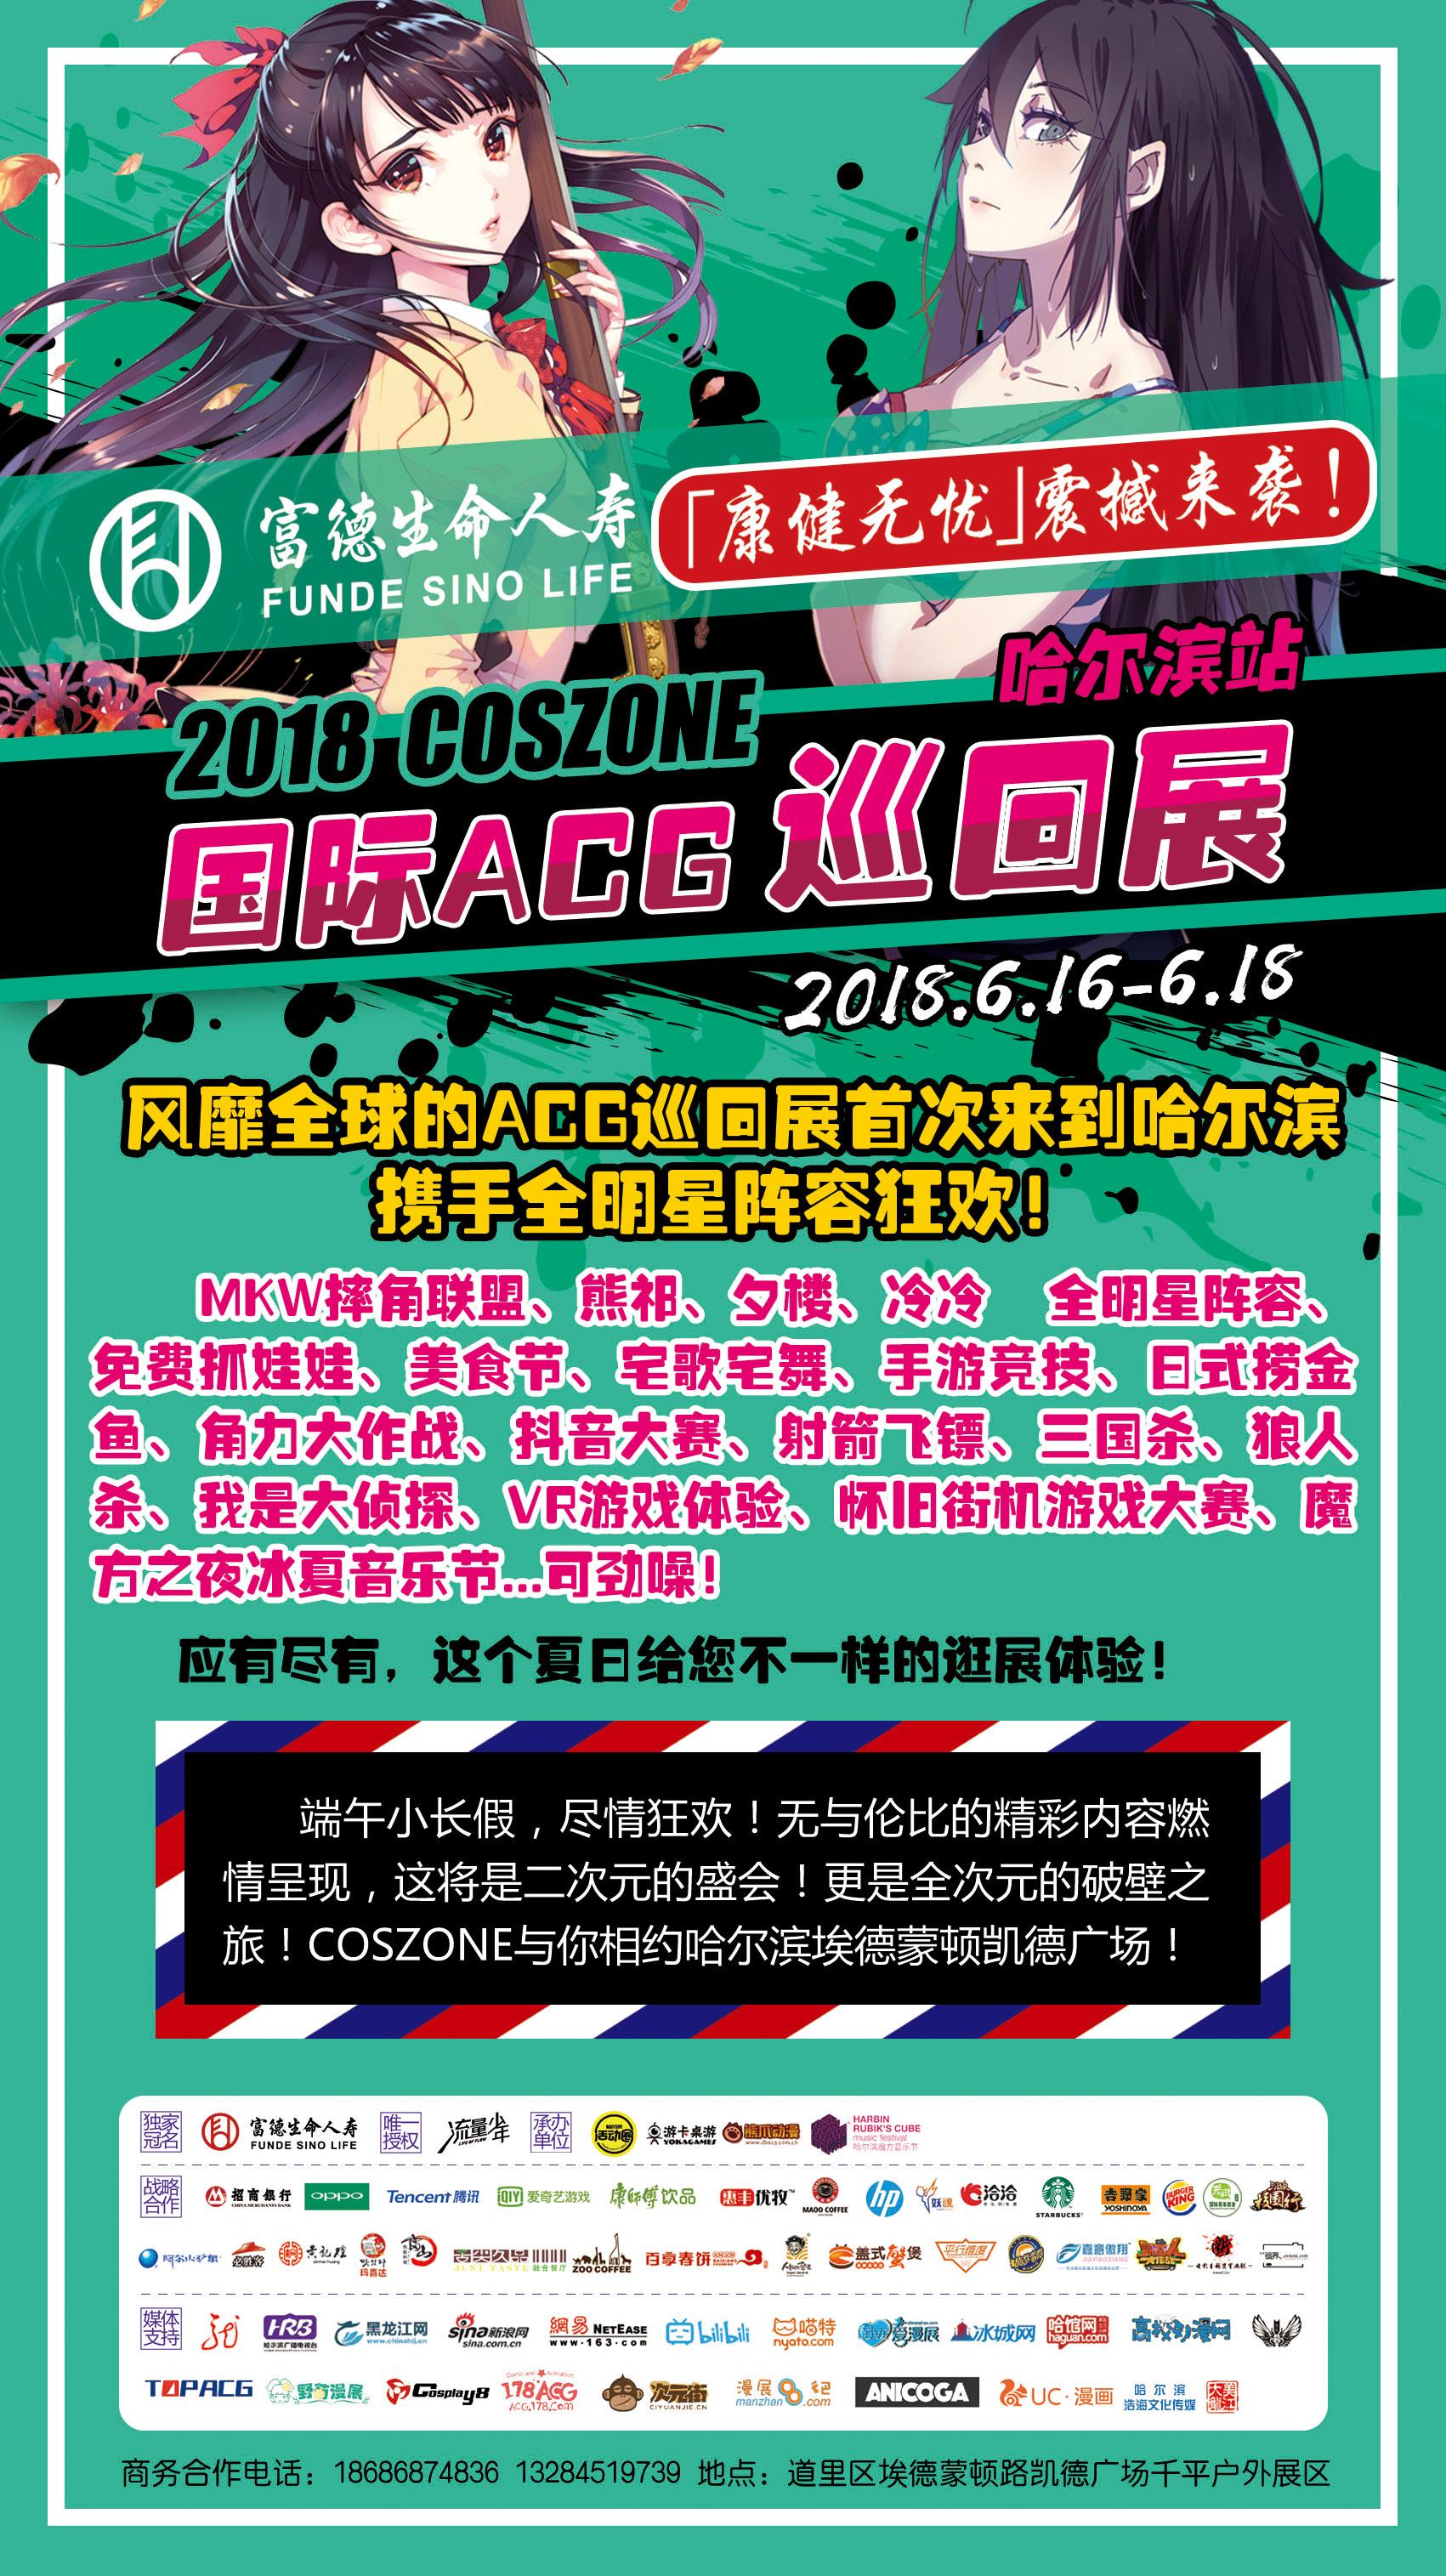 【哈尔滨】2018COSZONE国际ACG巡回展哈尔滨站三宣:突破次元壁,燃魂一聚-ANICOGA